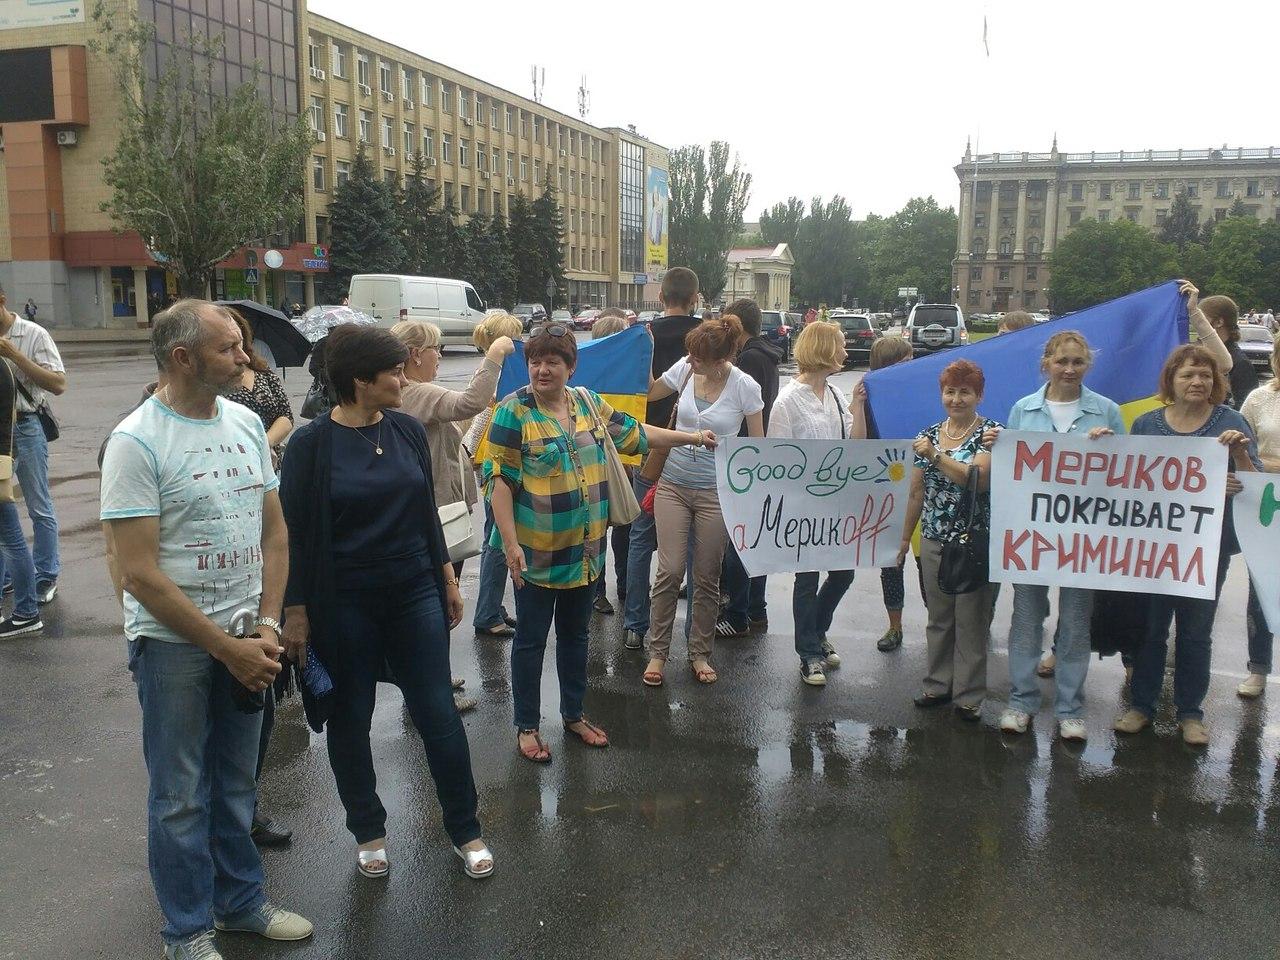 Goodbye МерікOFF: у Миколаєві вимагають від Порошенка звільнення голови ОДА - фото 5